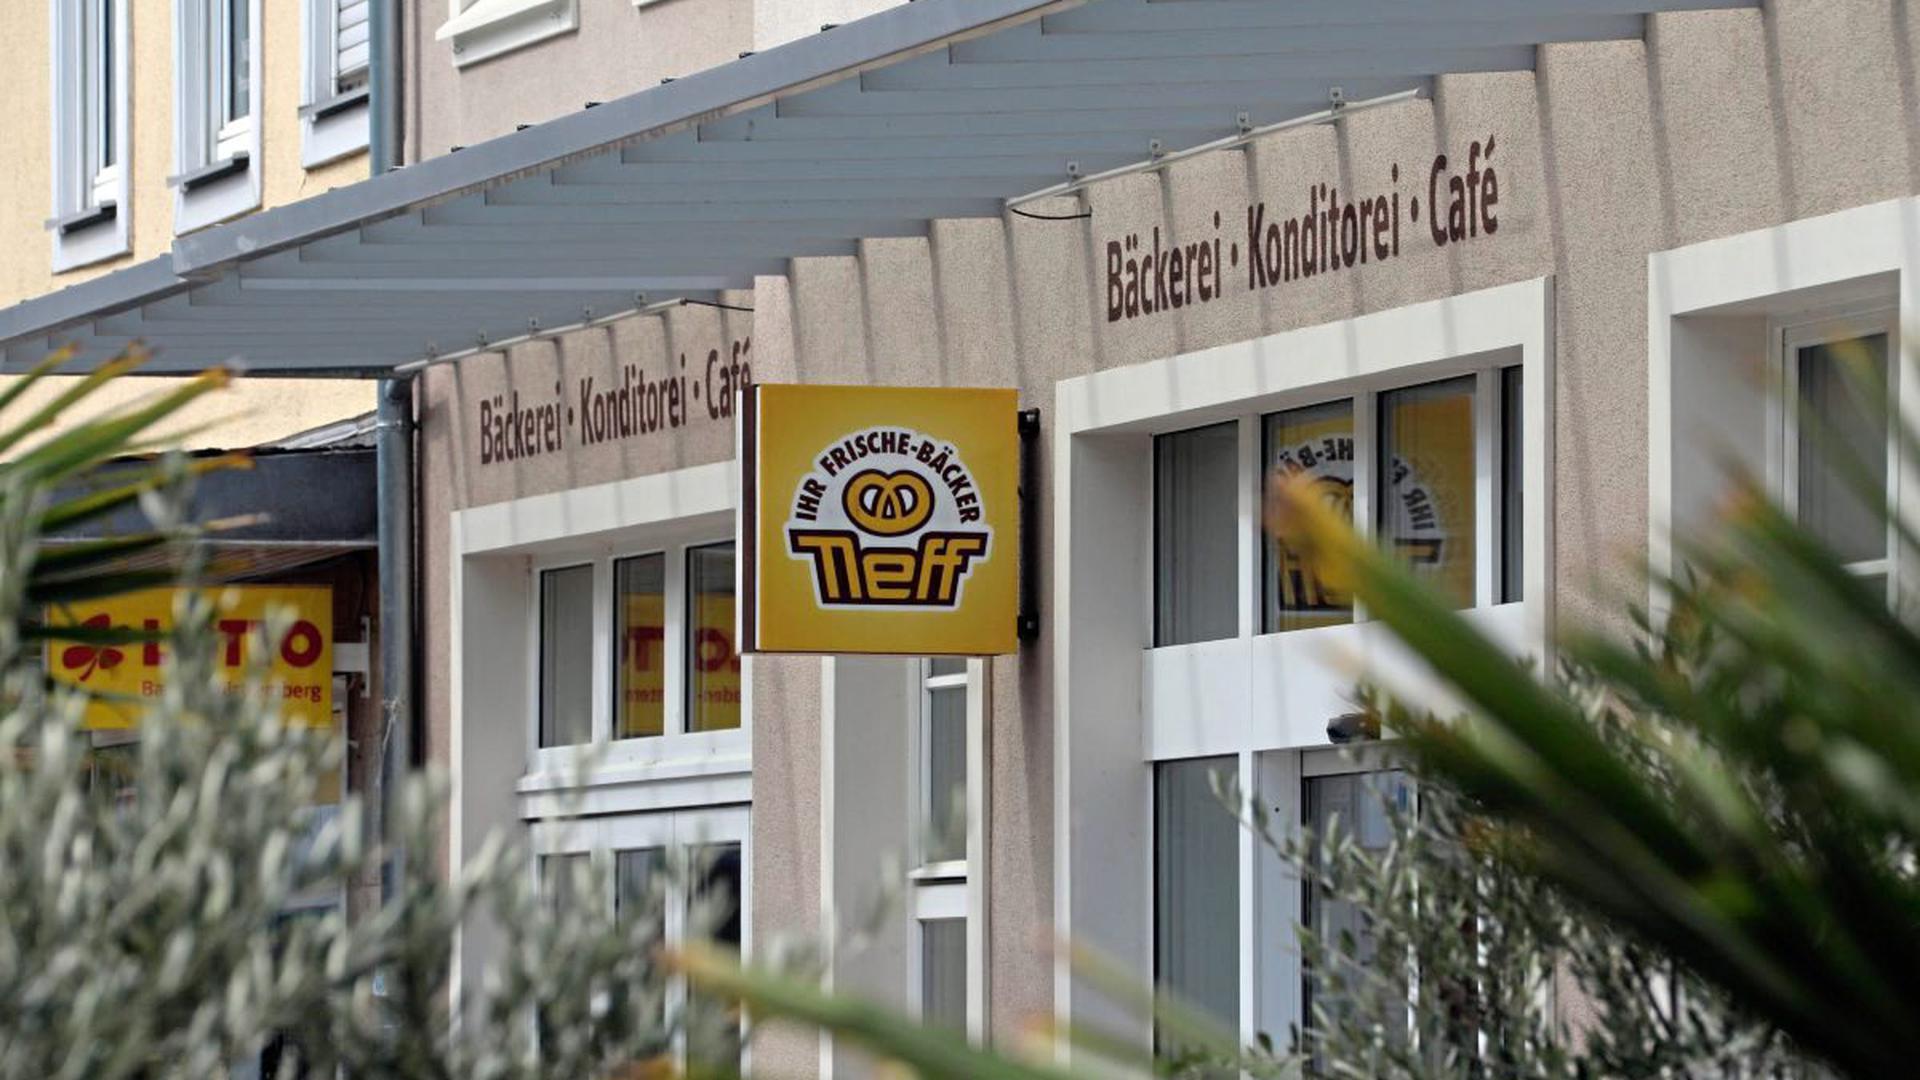 Bäckerei Ettlingen